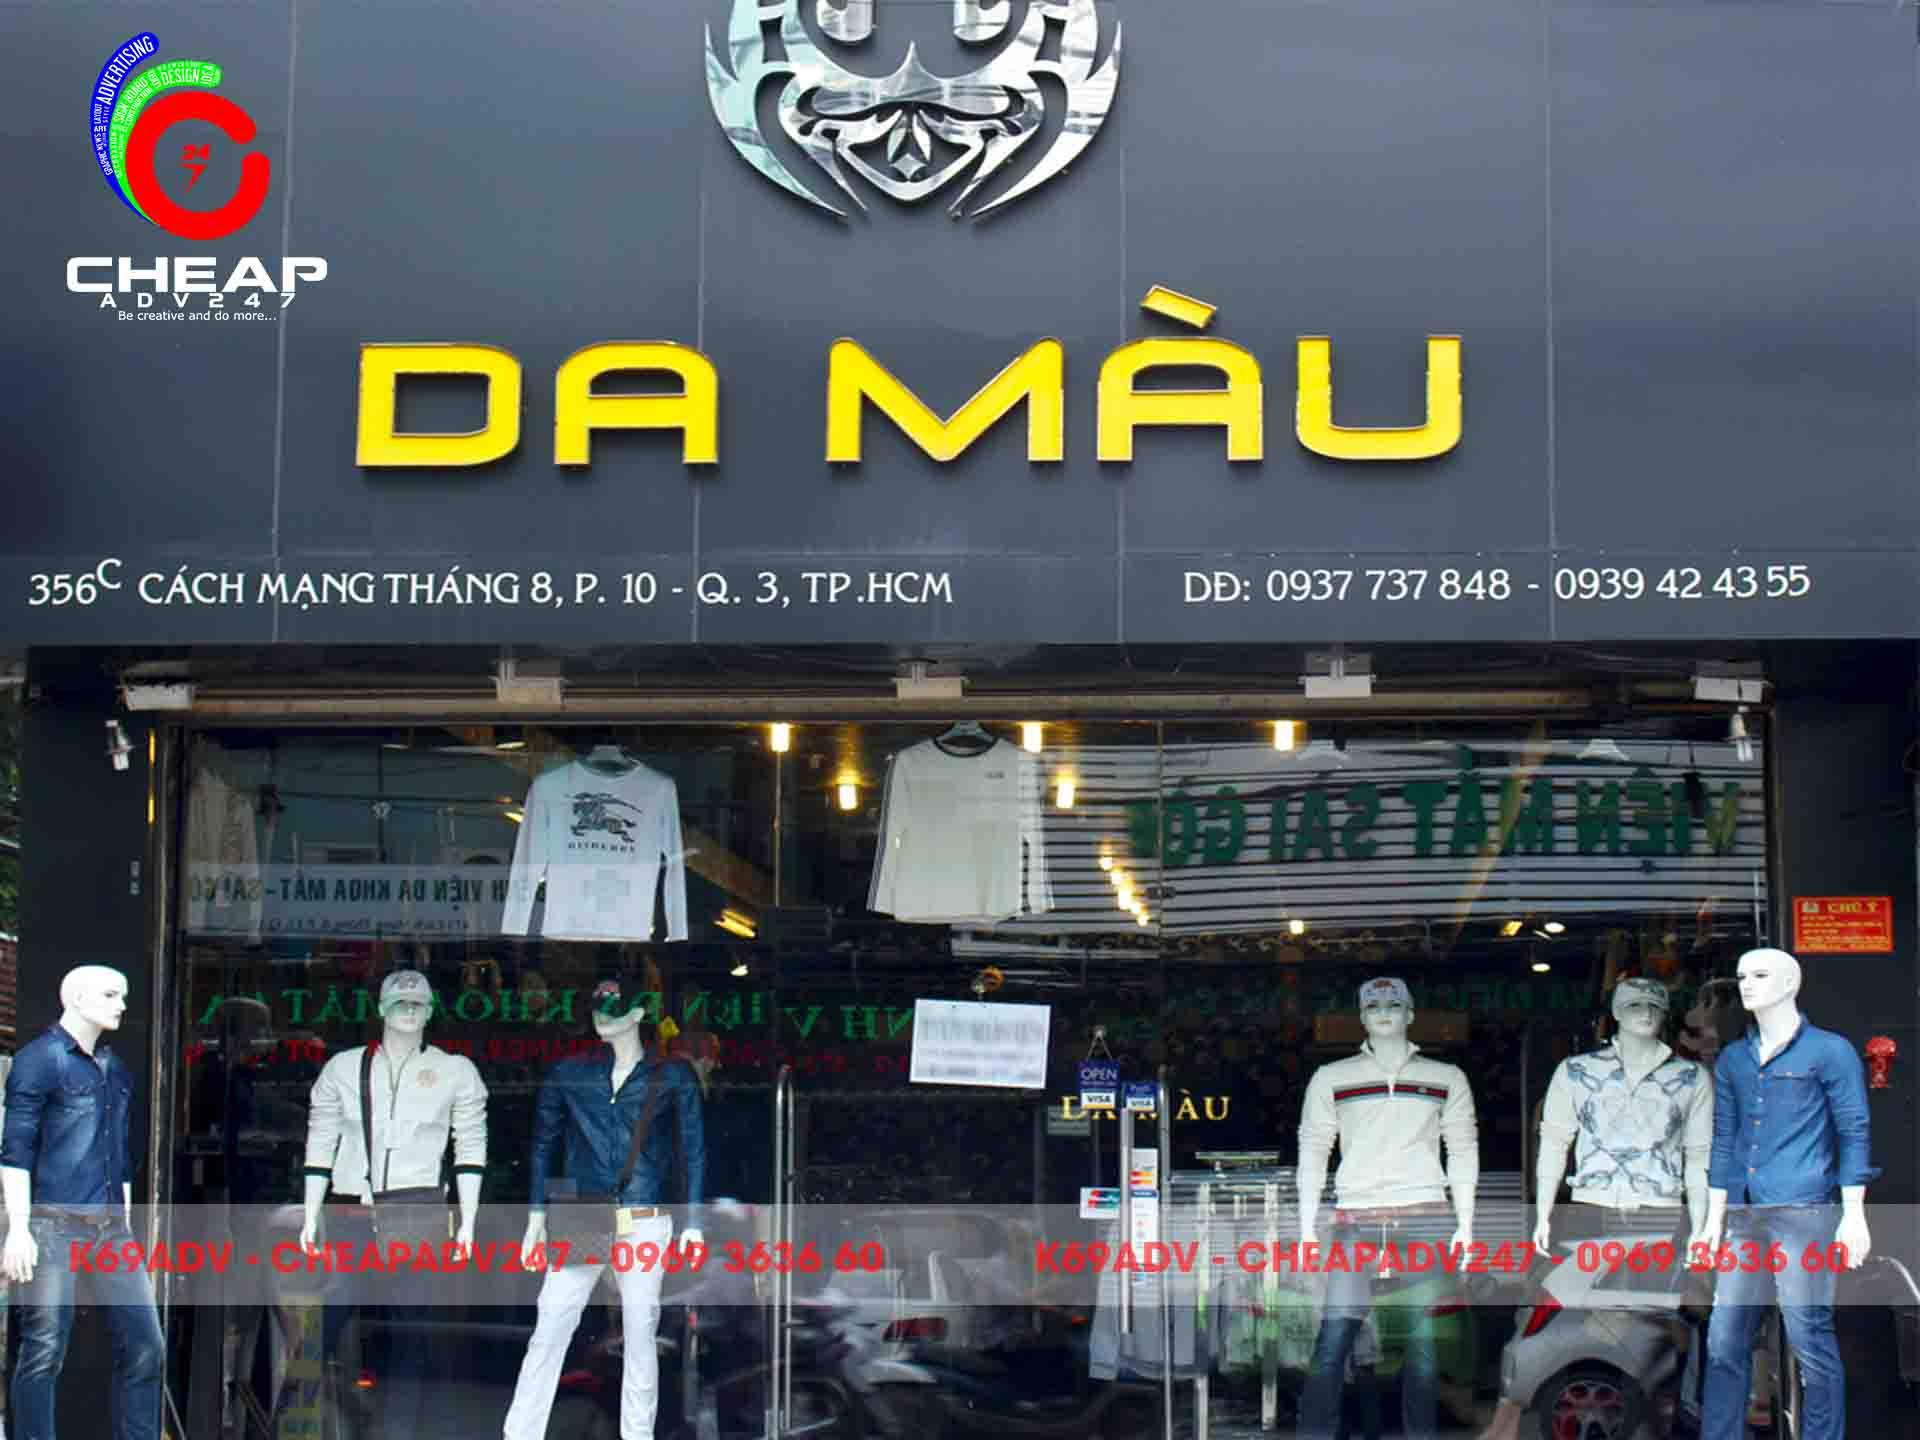 Tổng hợp các mẫu làm bảng hiệu shop thời trang đẹp nhất tại Cheapadv247